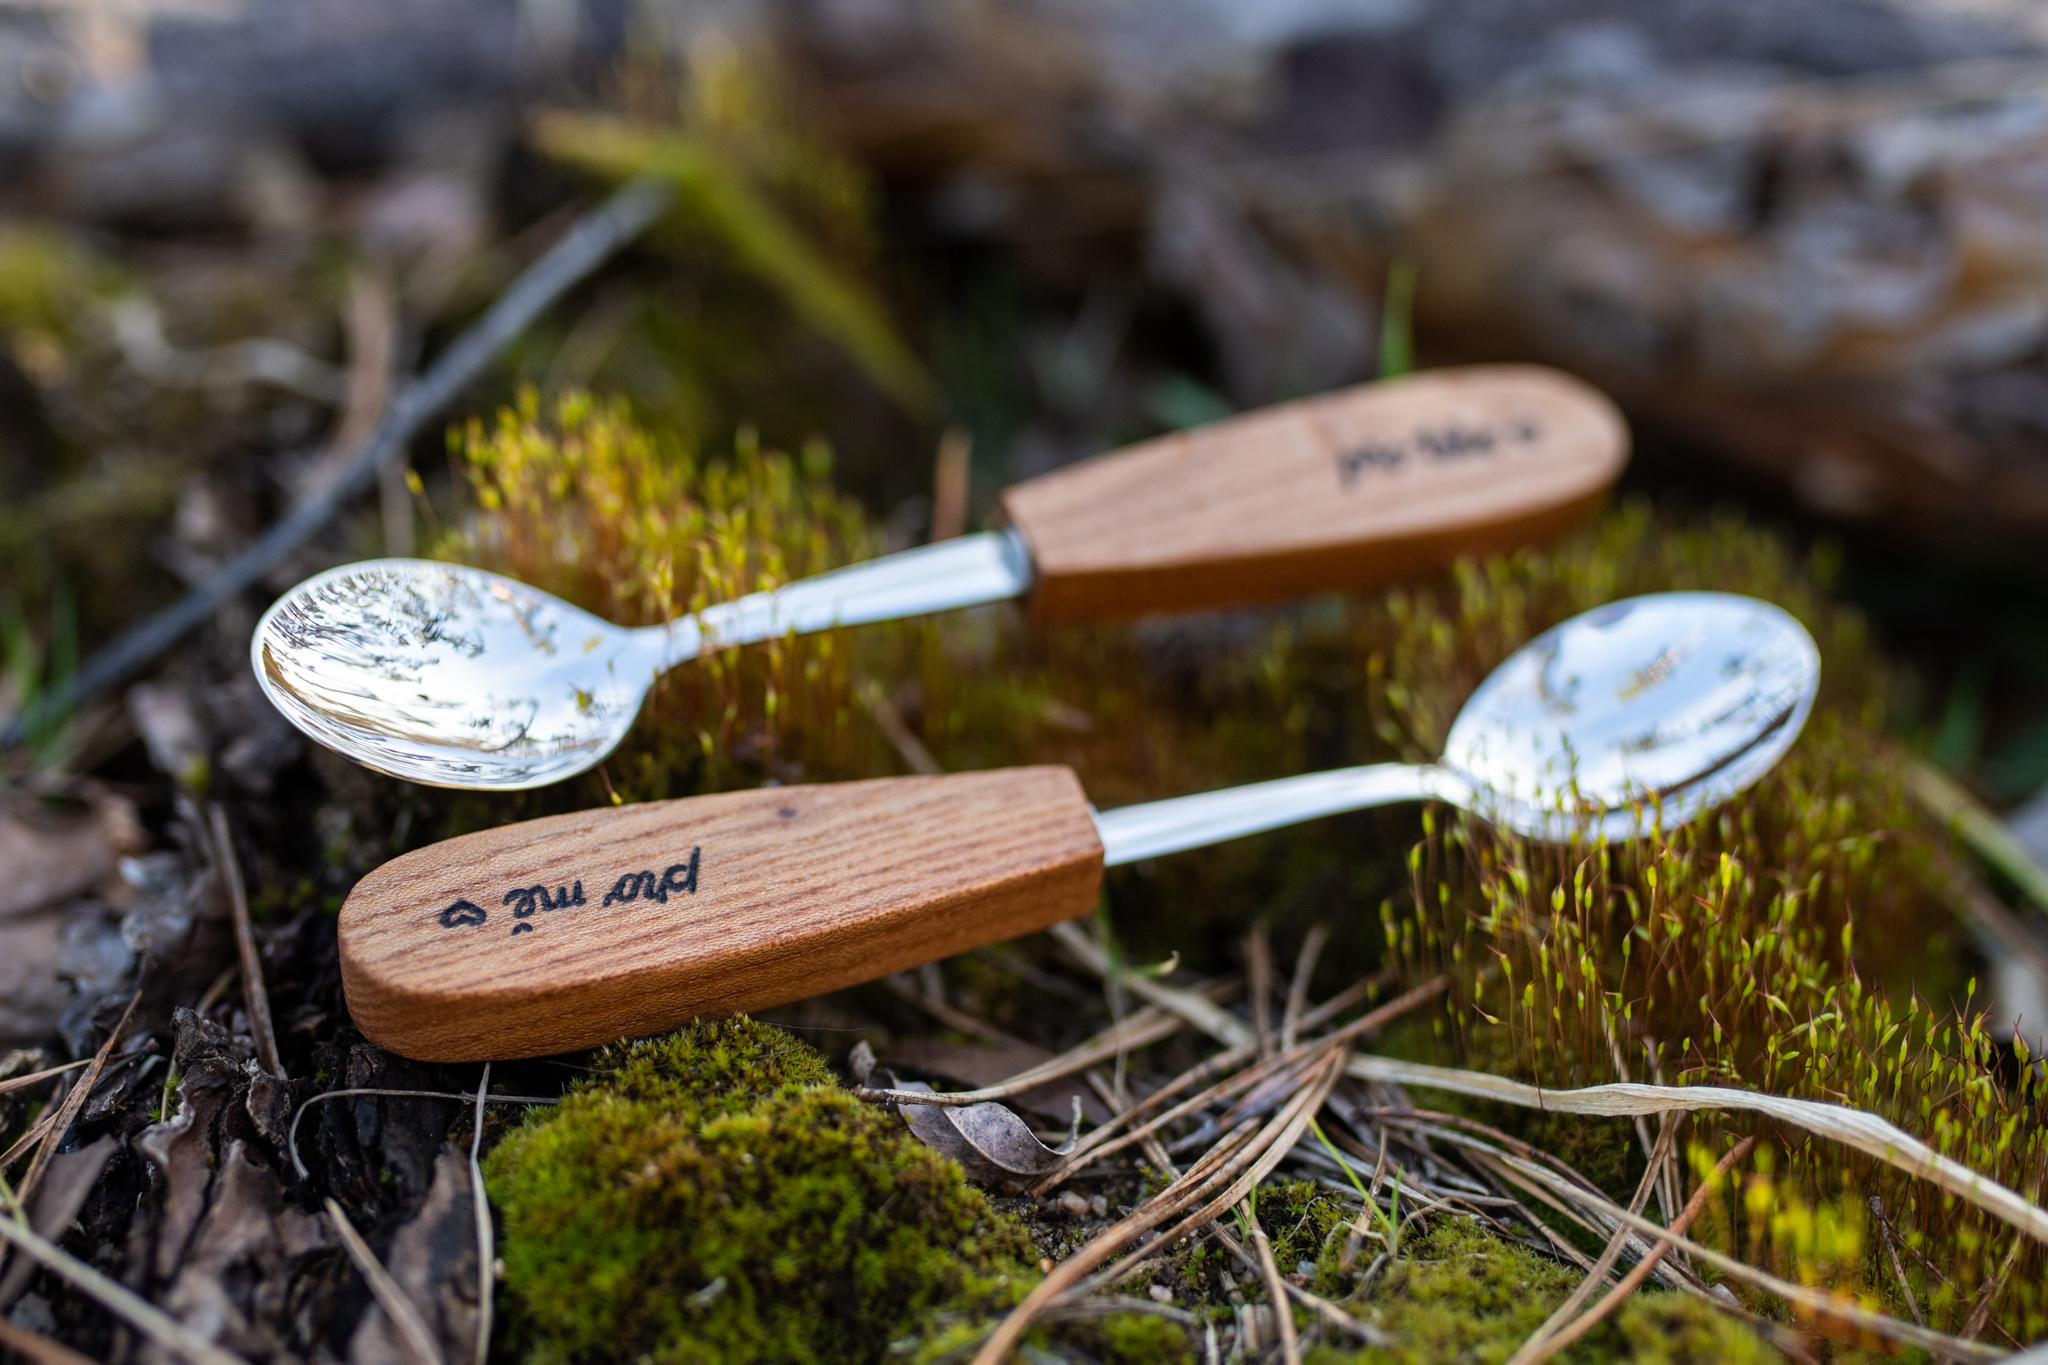 """Držadla lžiček jsem vyrobila ze švestkového dřeva a vypálila do nich text """"pro mě"""" a """"pro tebe"""". Dřevěné části jsem ošetřila přírodní směsí Odie's oil. Nerezový polotovar je vyroben ve spolupráci s českou značkou."""